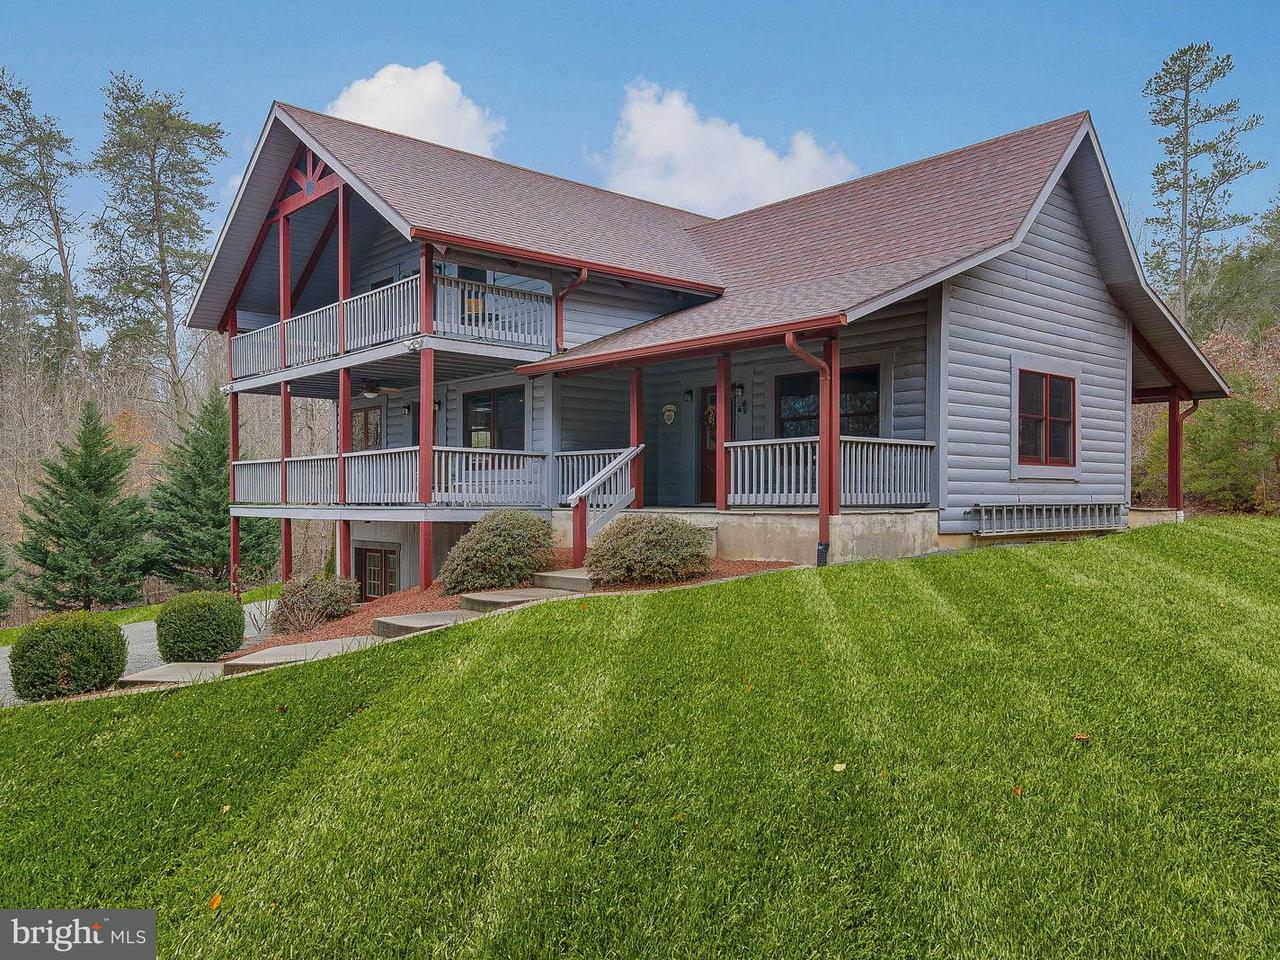 Maison unifamiliale pour l Vente à 16020 Carrington Court 16020 Carrington Court Mineral, Virginia 23117 États-Unis